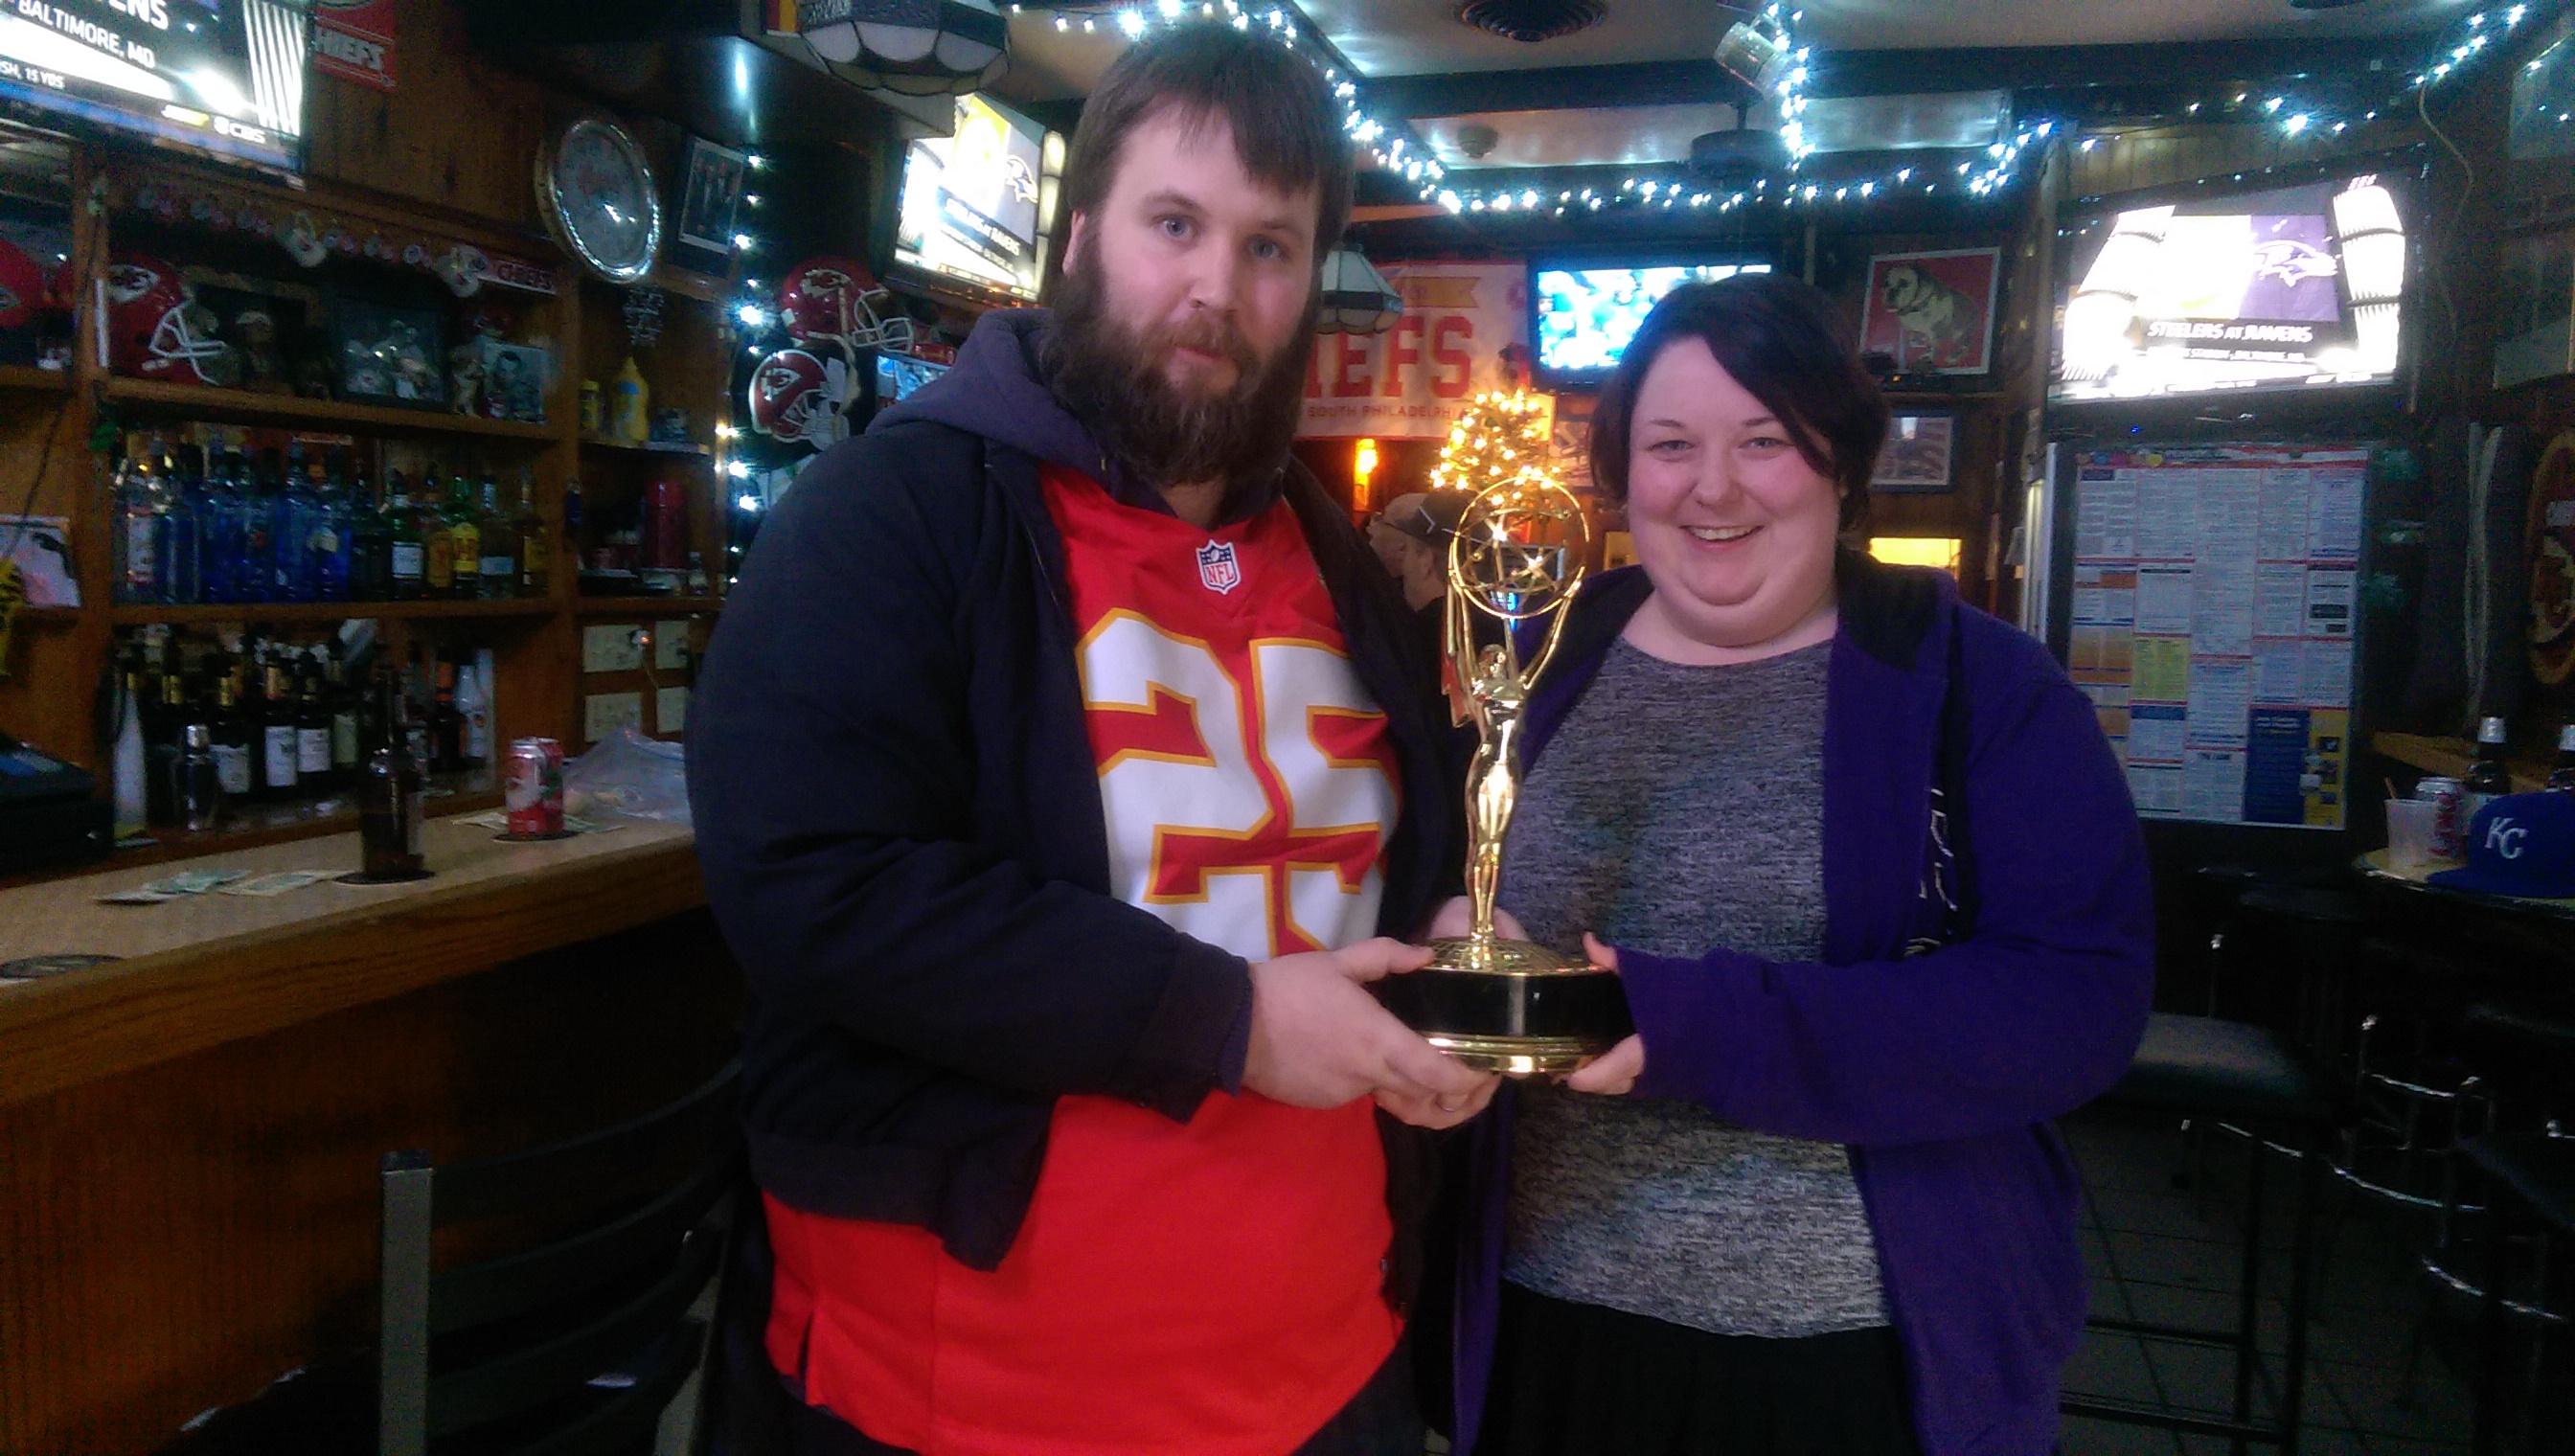 NFL Films lagde en dokumentar om Big Charlie's. Dokumentaren vant en Emmy. Emmyen er på utstilling i baren. Du kan ta bilde med den om du spør. Eller, de spør deg om du har lyst, egentlig.